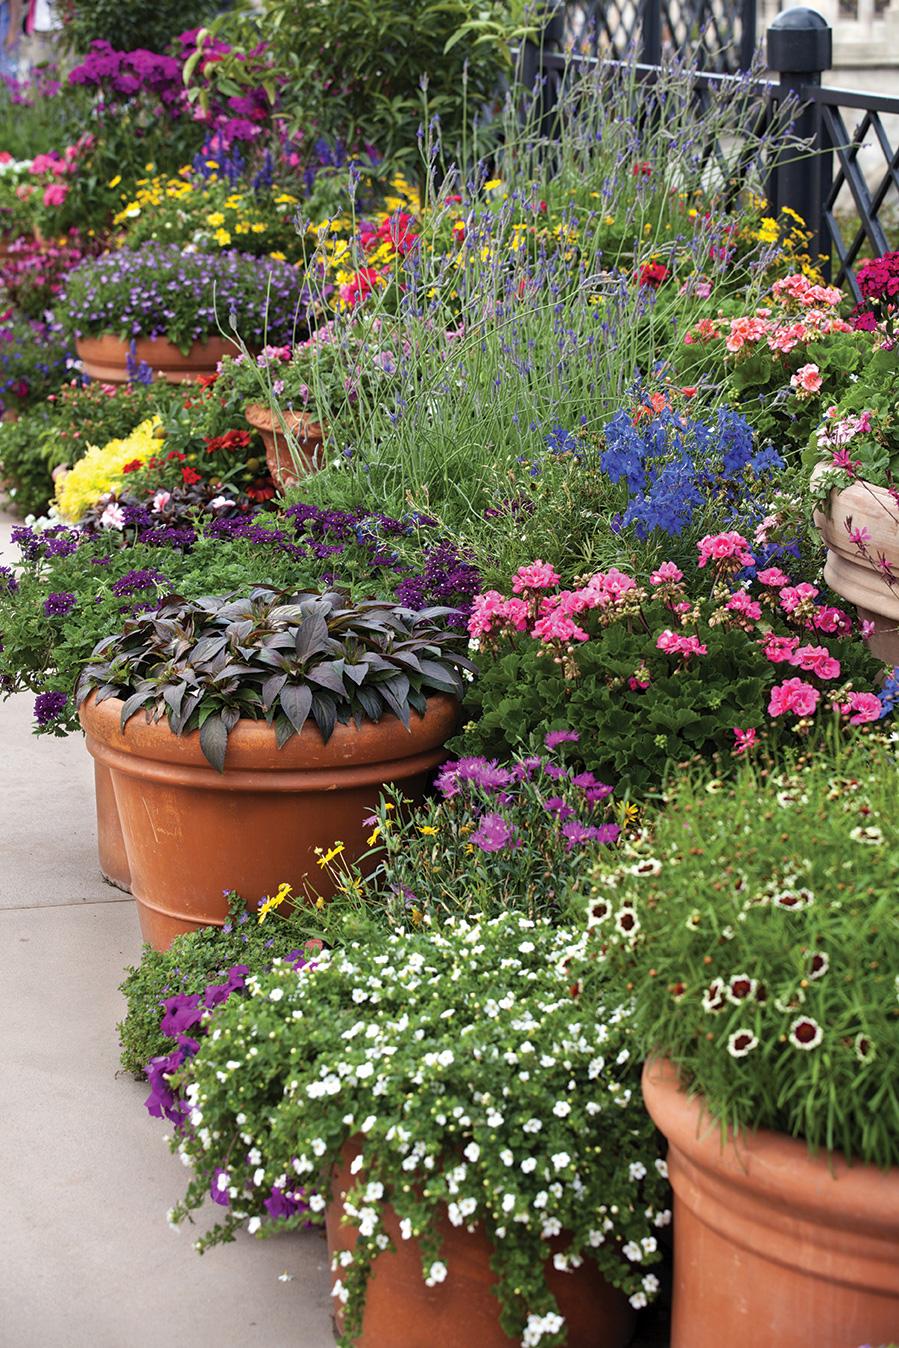 san diego garden august 2019